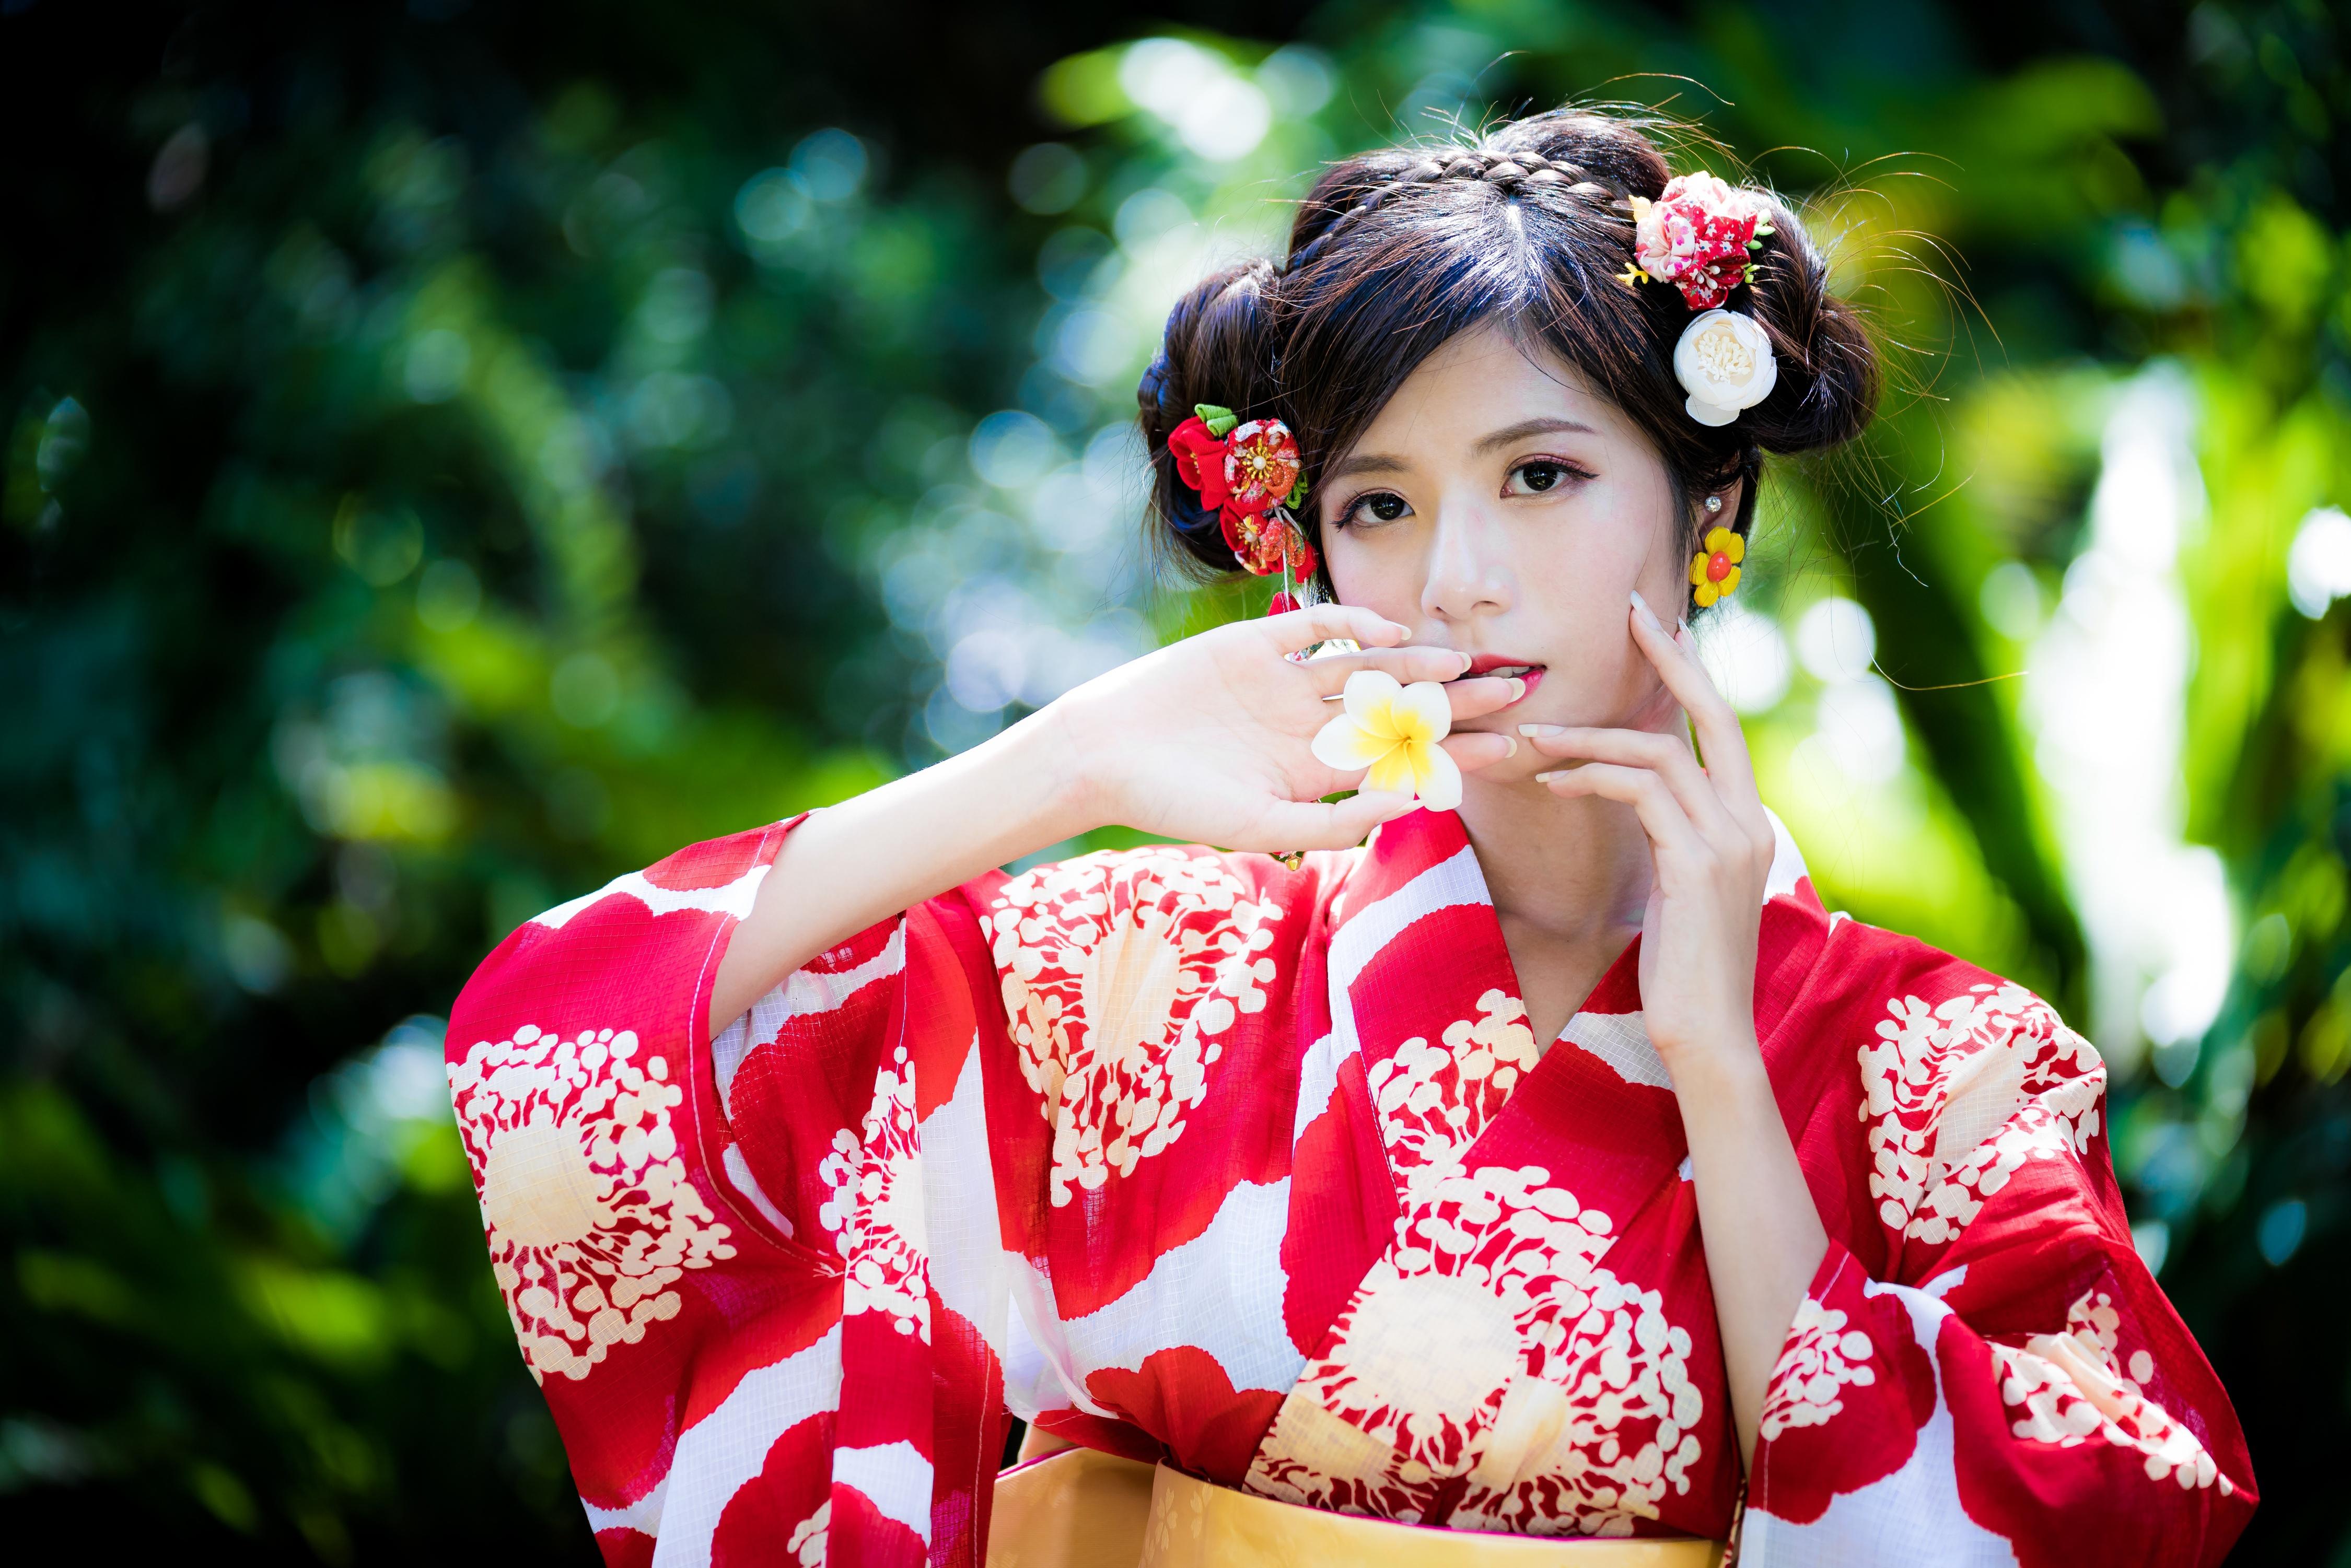 Фотография боке Кимоно молодые женщины азиатки Руки 4500x3002 Размытый фон девушка Девушки молодая женщина Азиаты азиатка рука